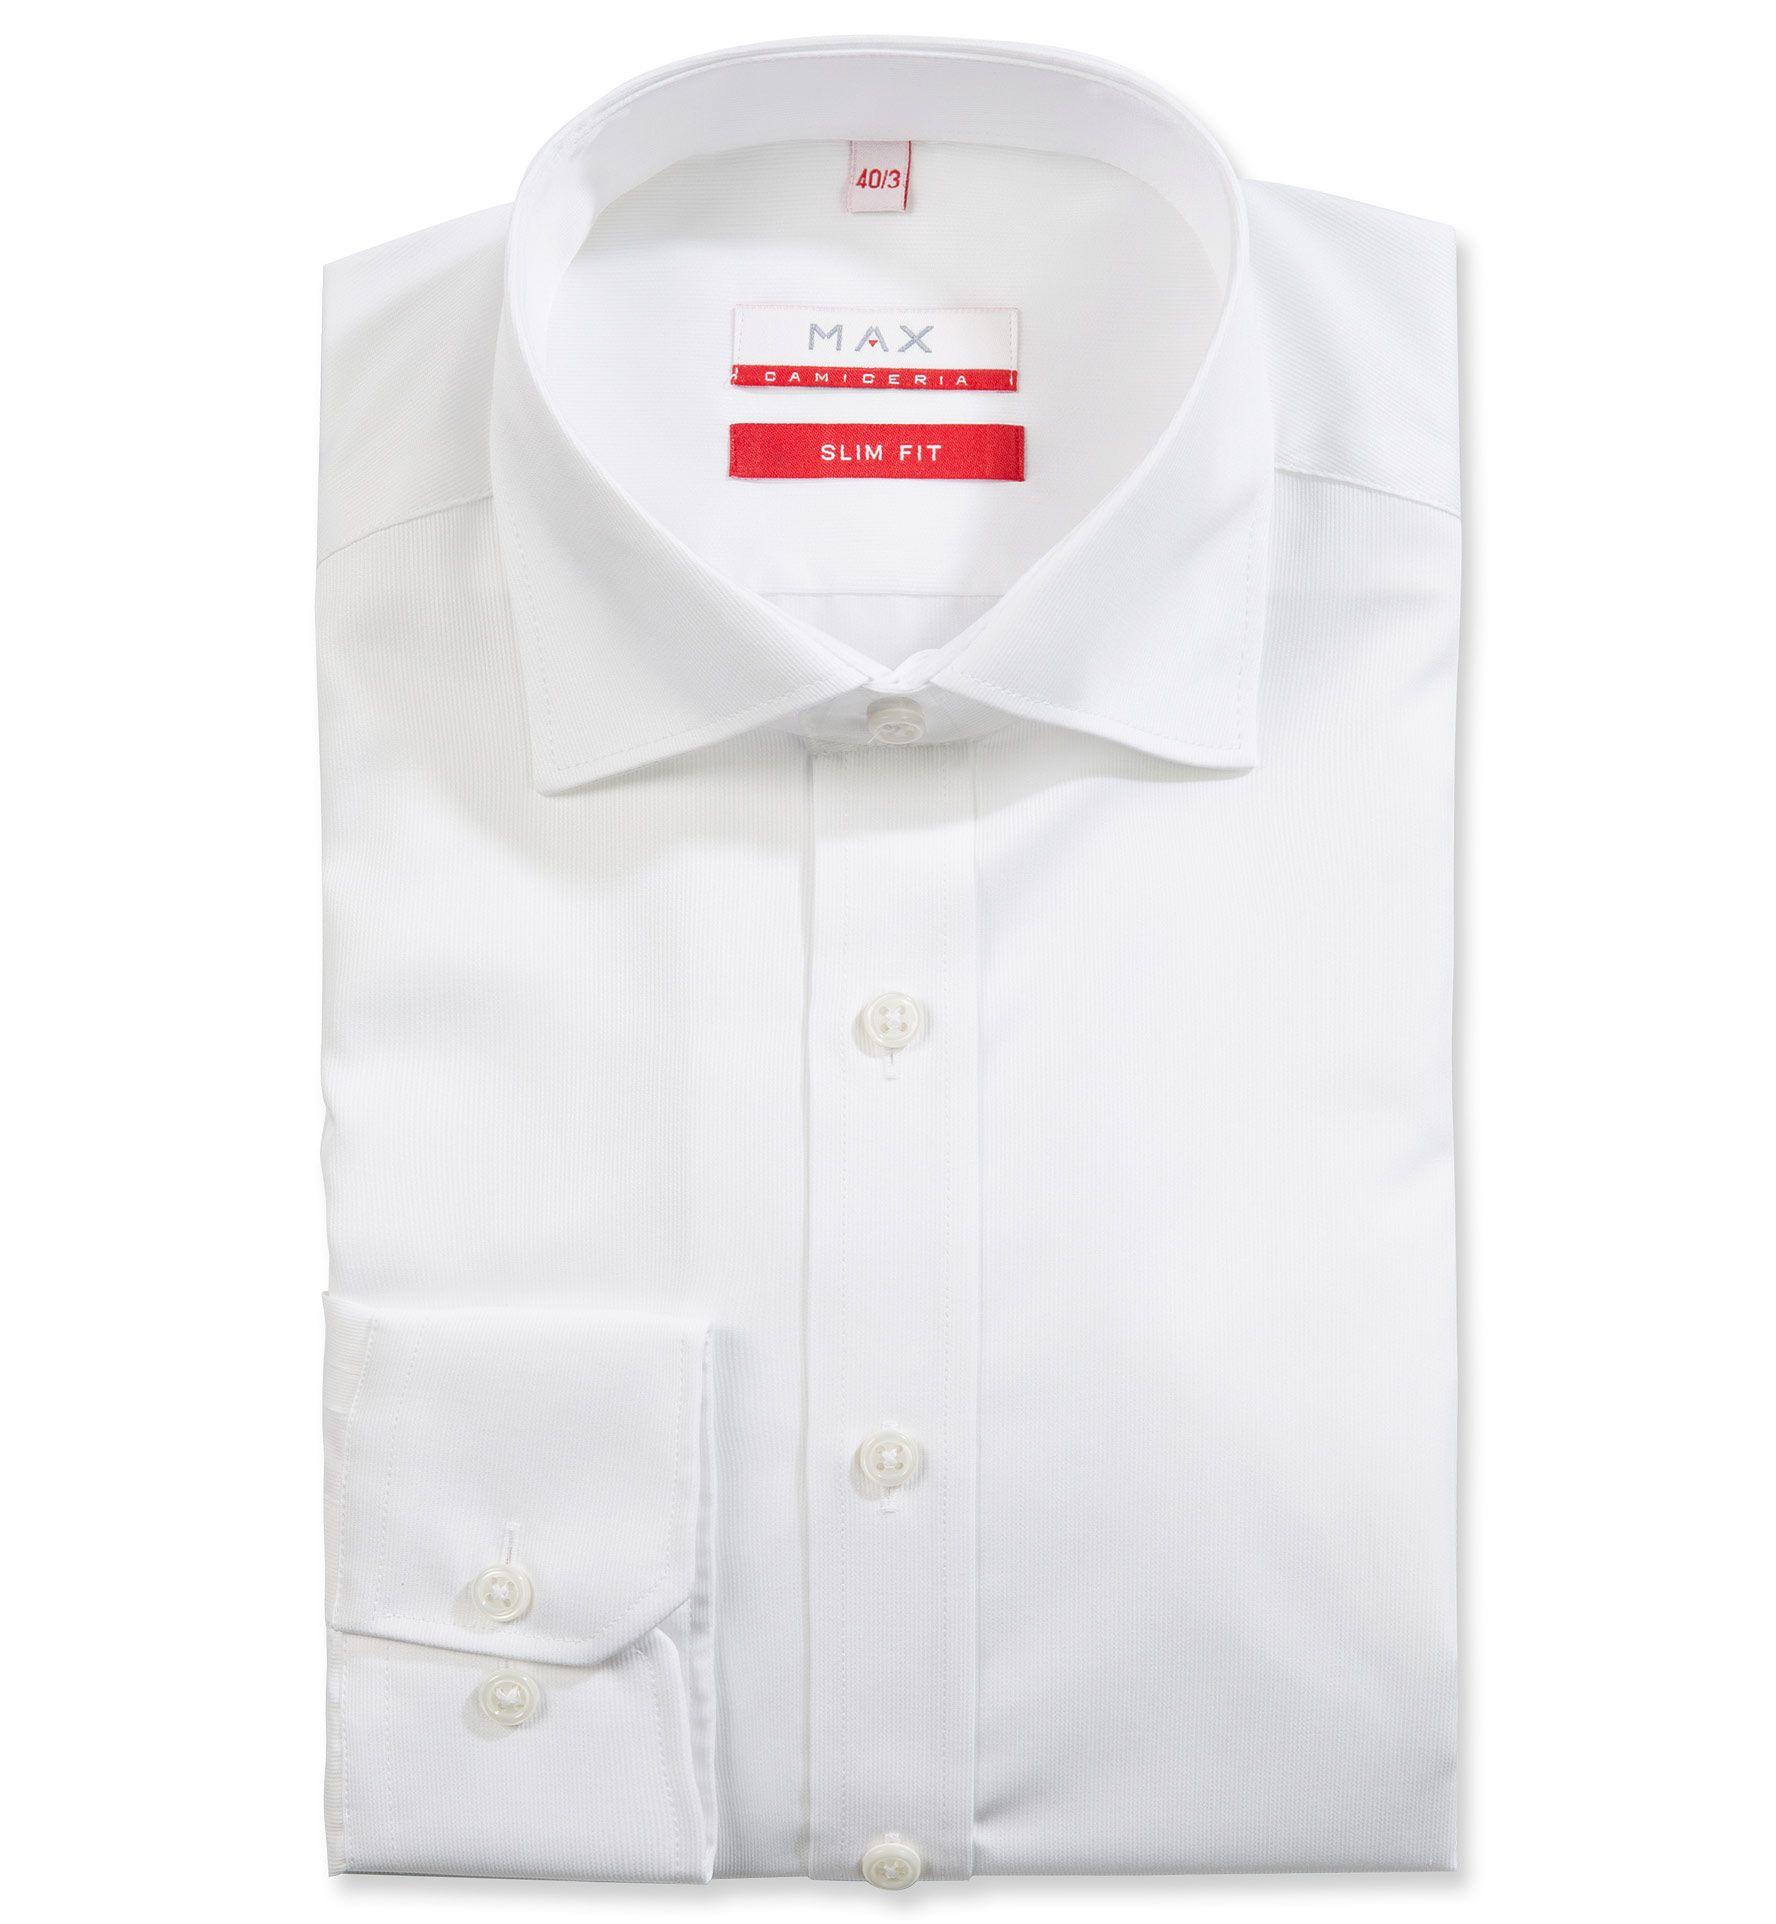 Slim Fit priliehavá biela štrukturovaná košeľa Filafil (plátnová tkanina)